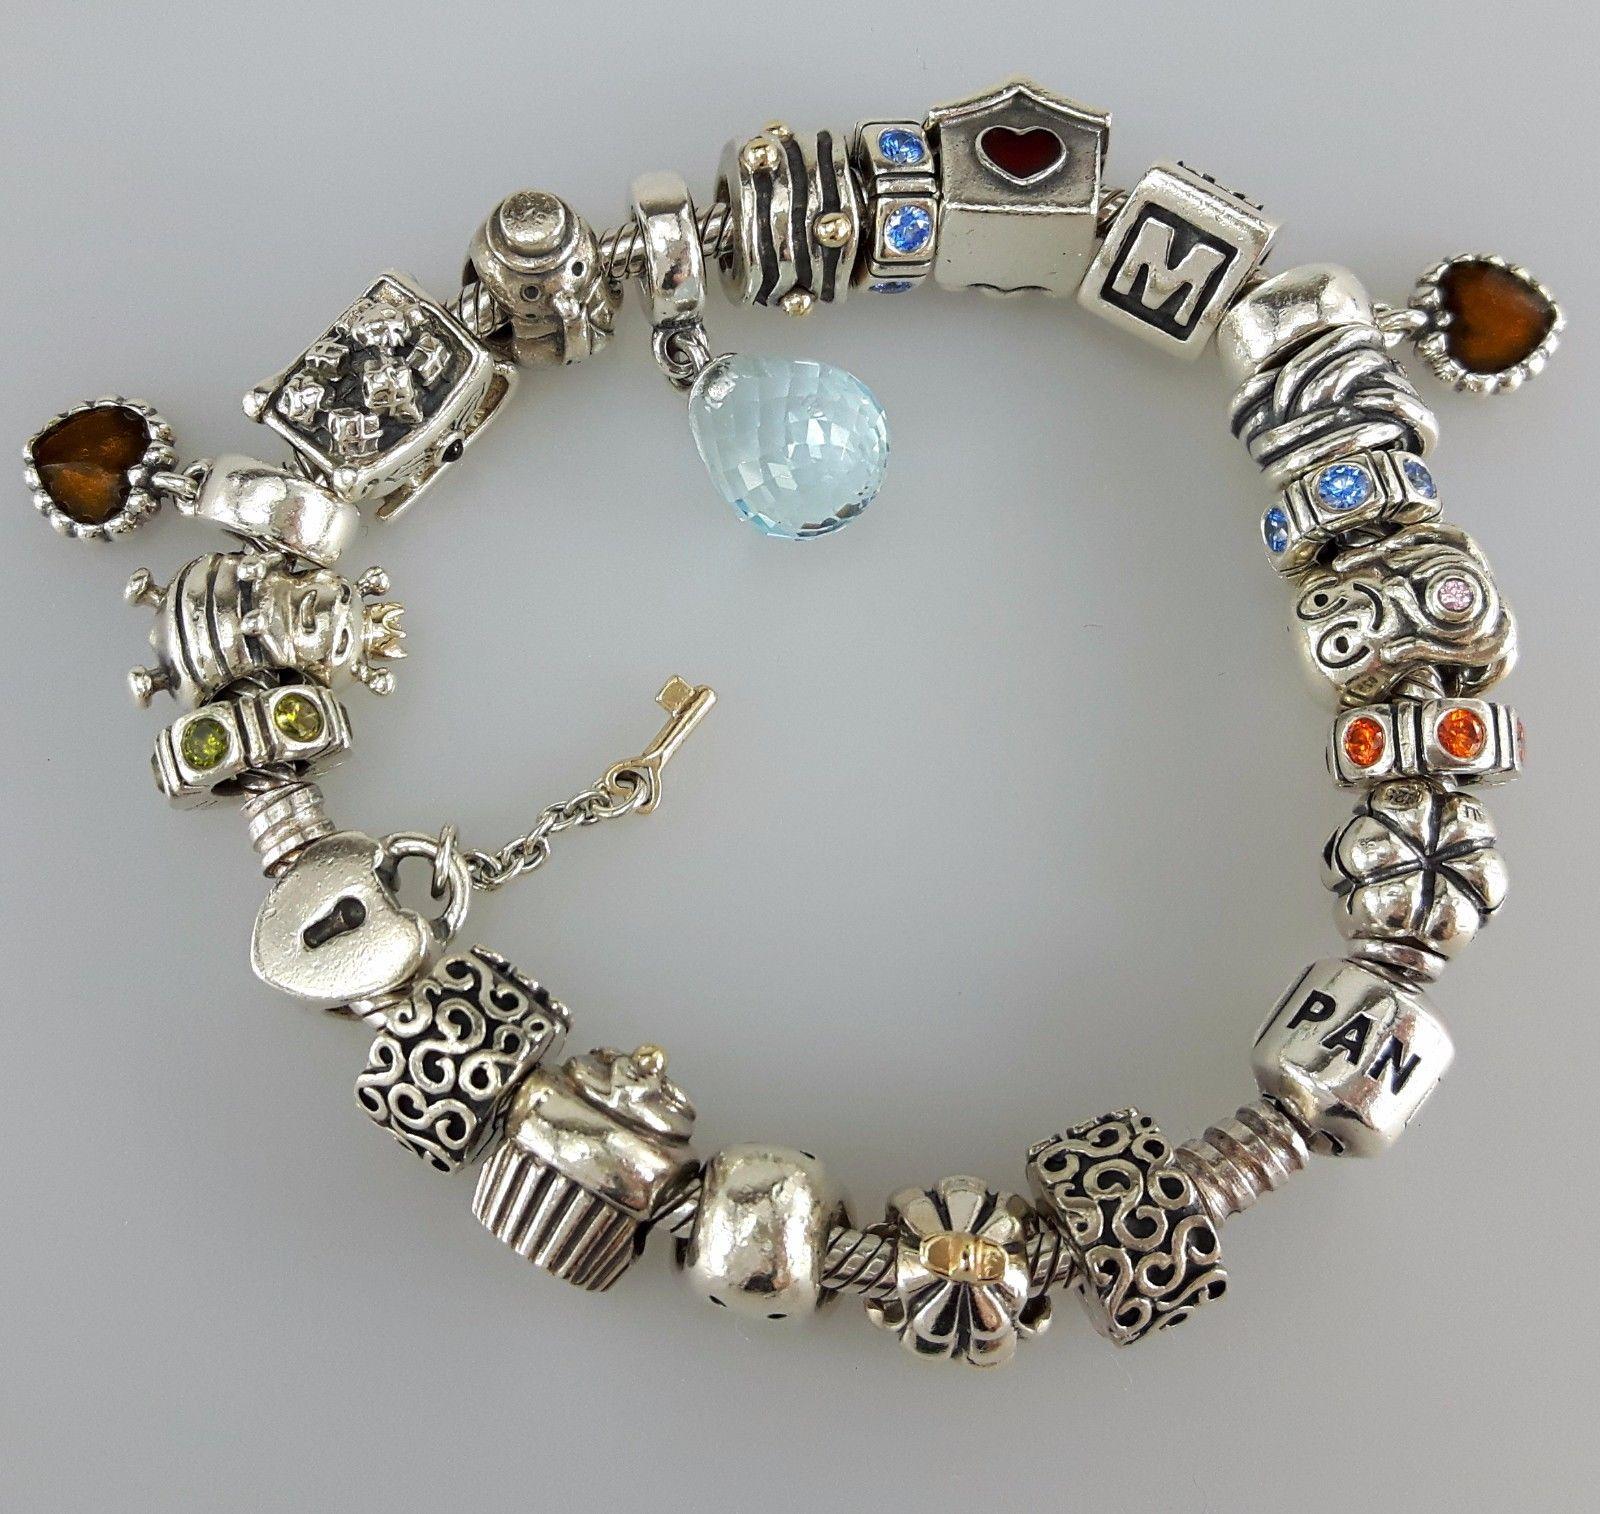 Les Bracelets  U00e0 Breloques Pandora Les Plus Chers Vendus